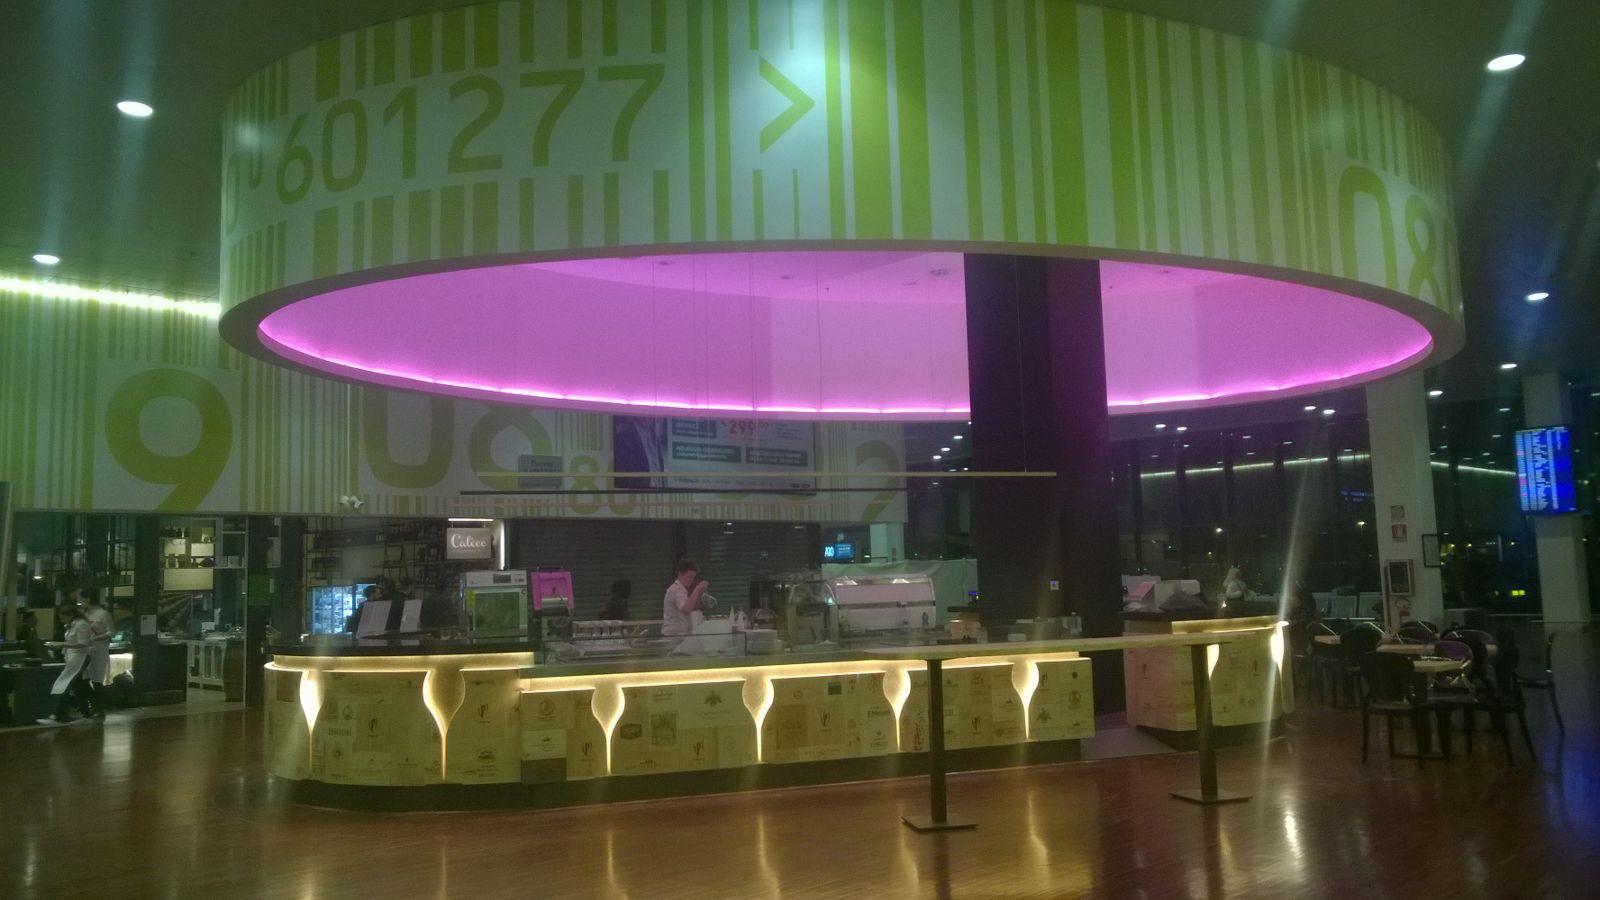 Foto della struttura del Ristorante Wine Gate 11 presso l'Aeroporto di Orio al Serio, con luce color viola